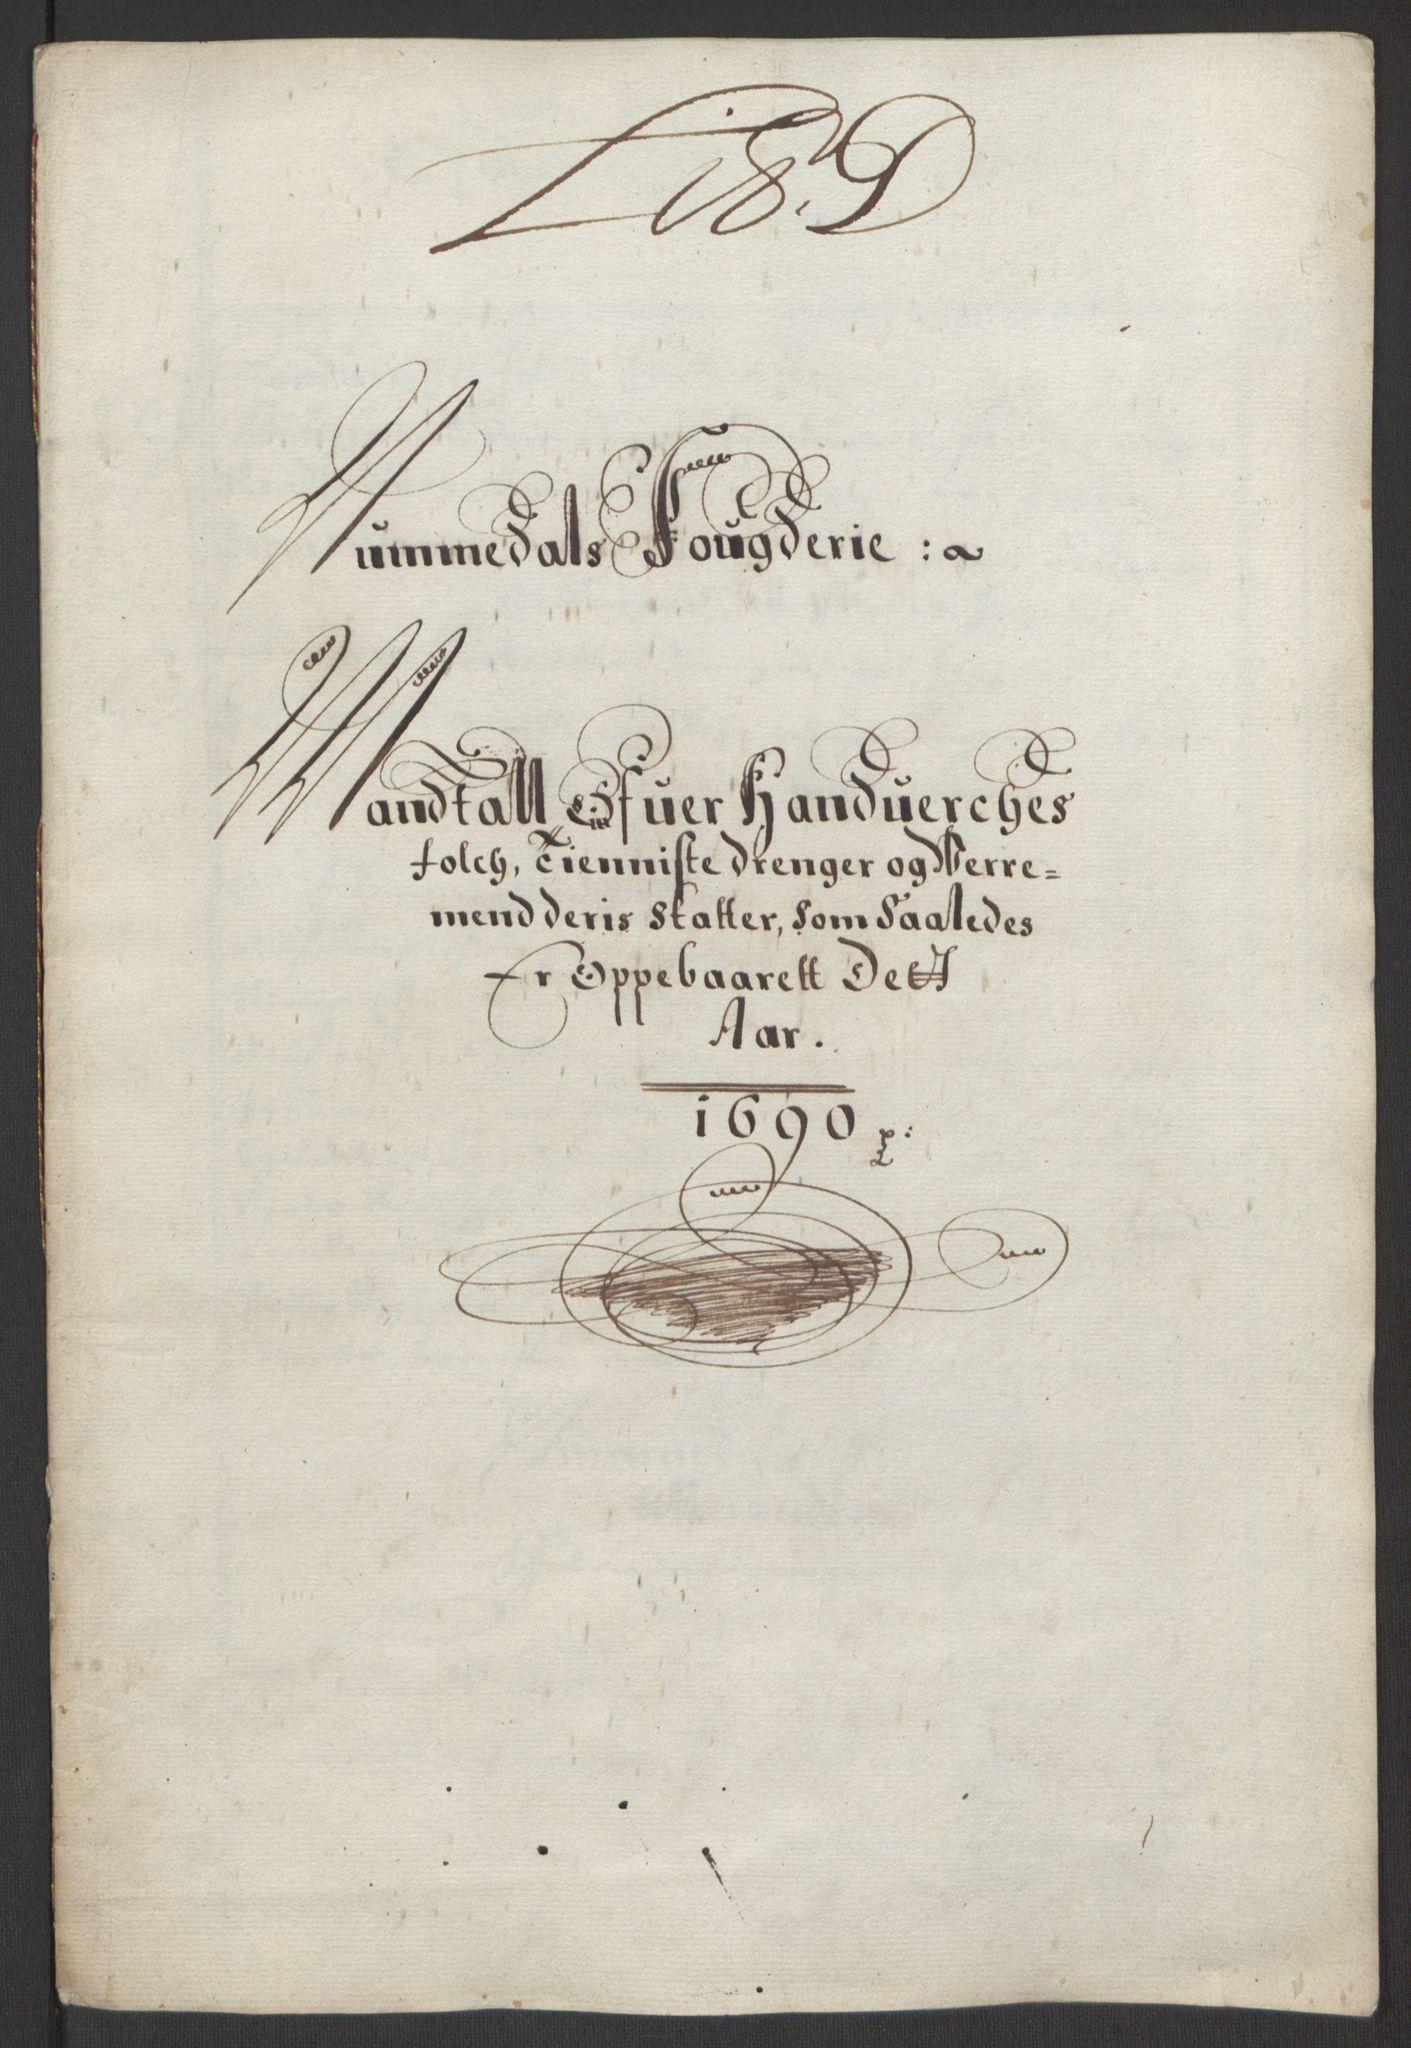 RA, Rentekammeret inntil 1814, Reviderte regnskaper, Fogderegnskap, R64/L4423: Fogderegnskap Namdal, 1690-1691, s. 23